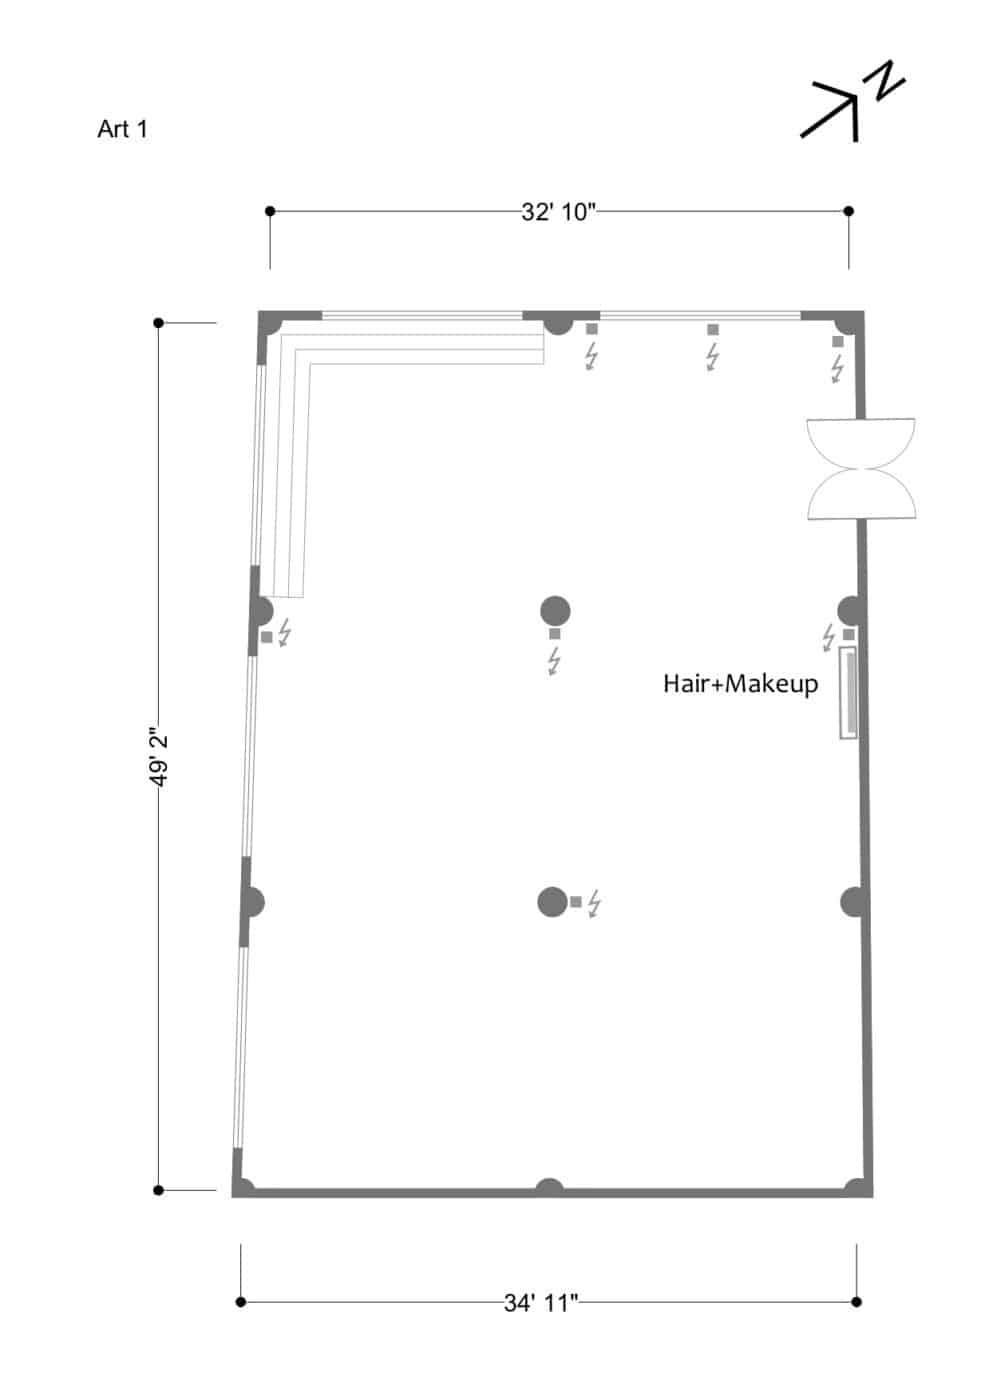 Art 1 floor plan - updated March 2019